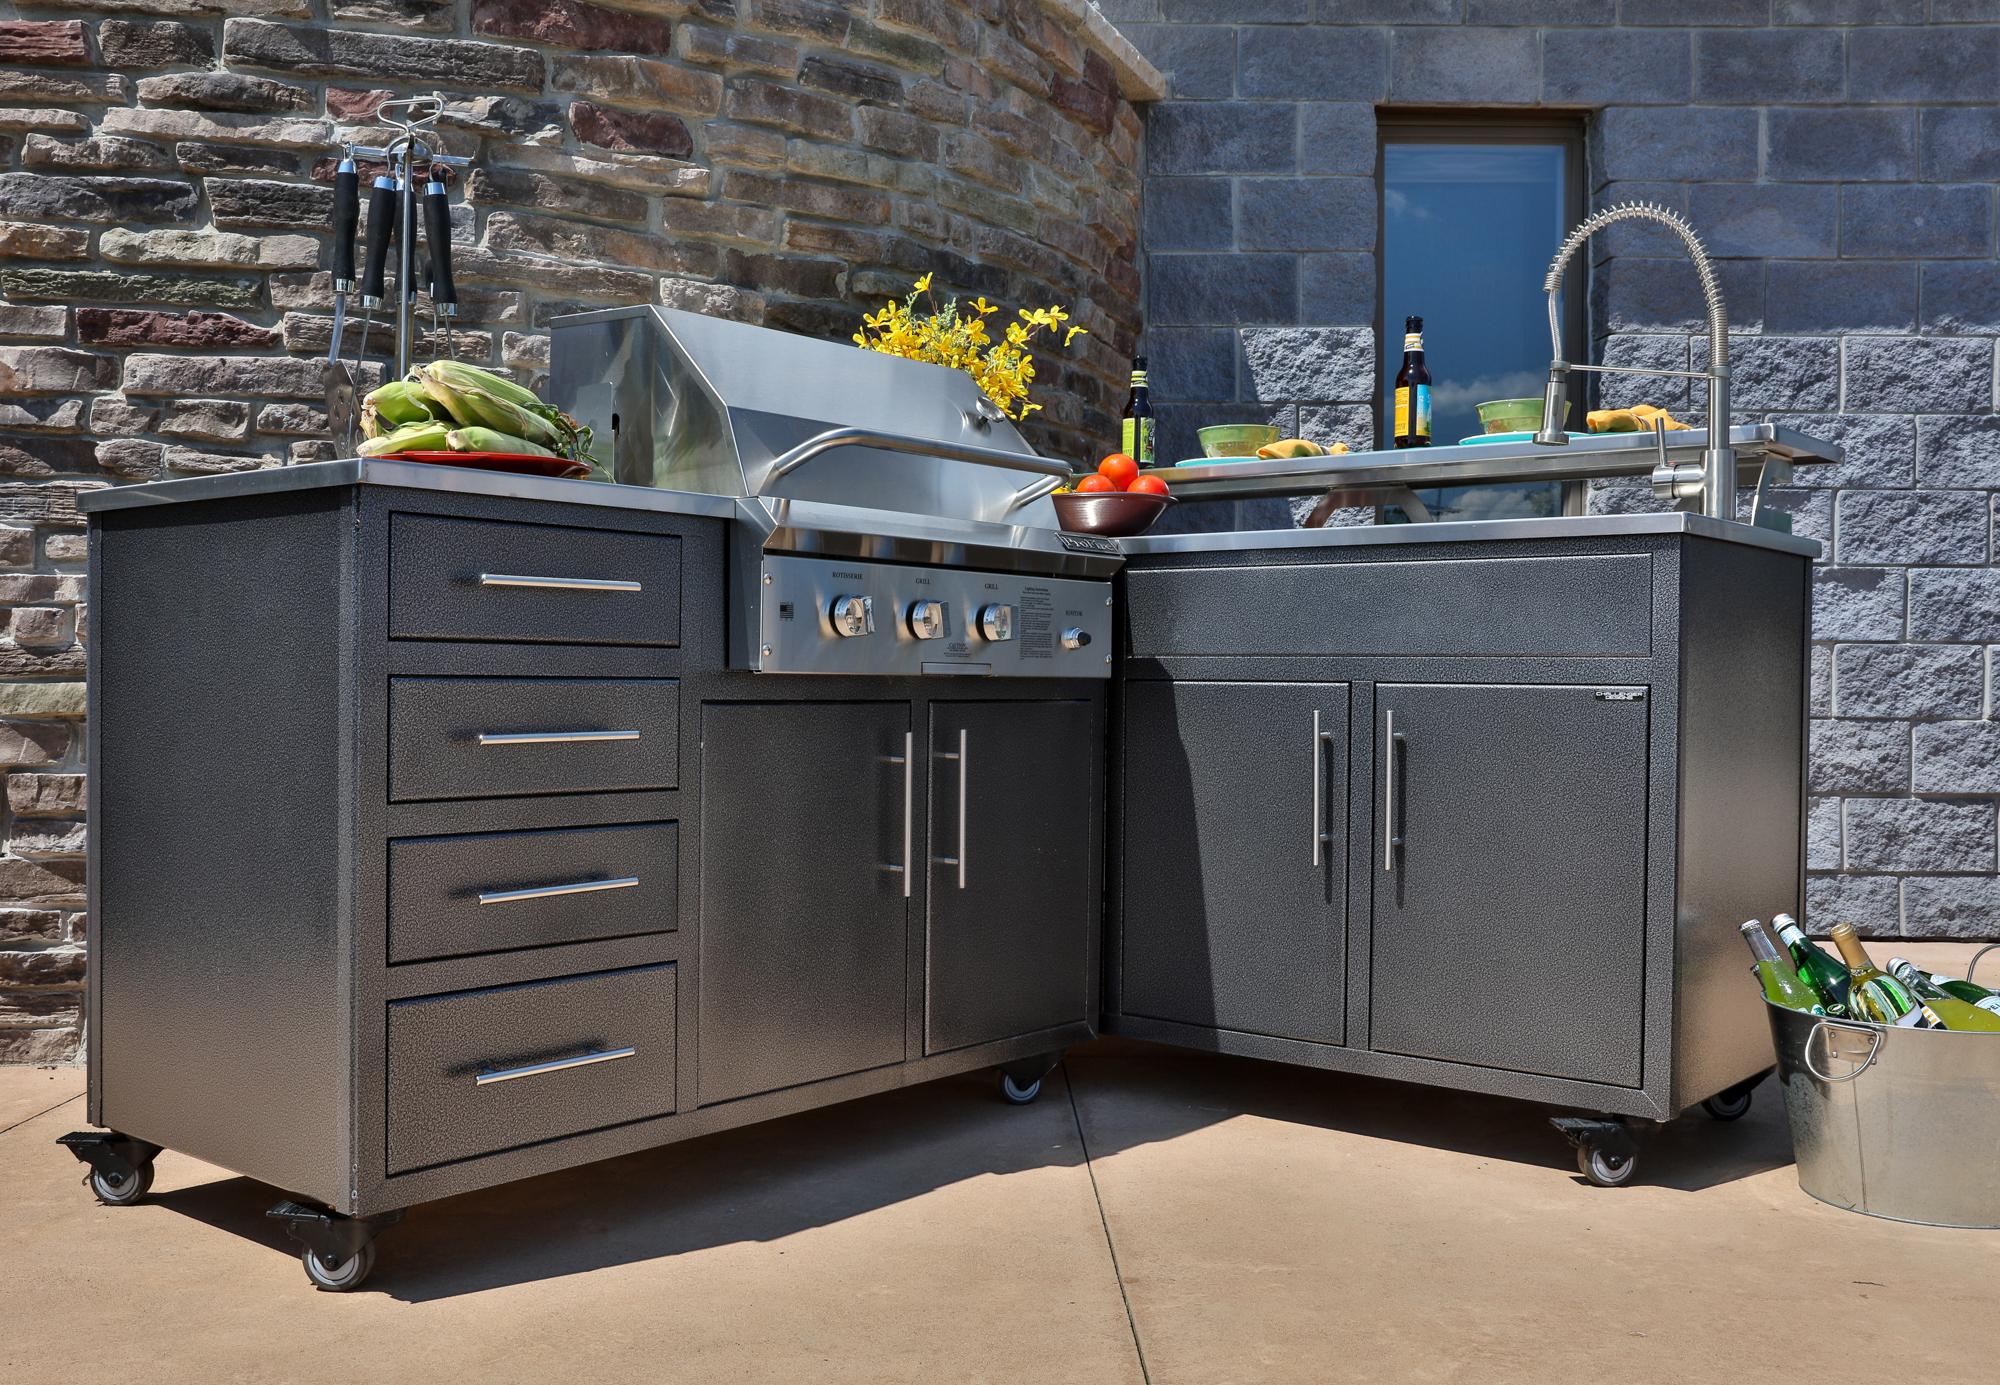 modular outdoor kitchen diy challenger modular outdoor kitchens cdpreconjpg prefab outdoor kitchen galleria